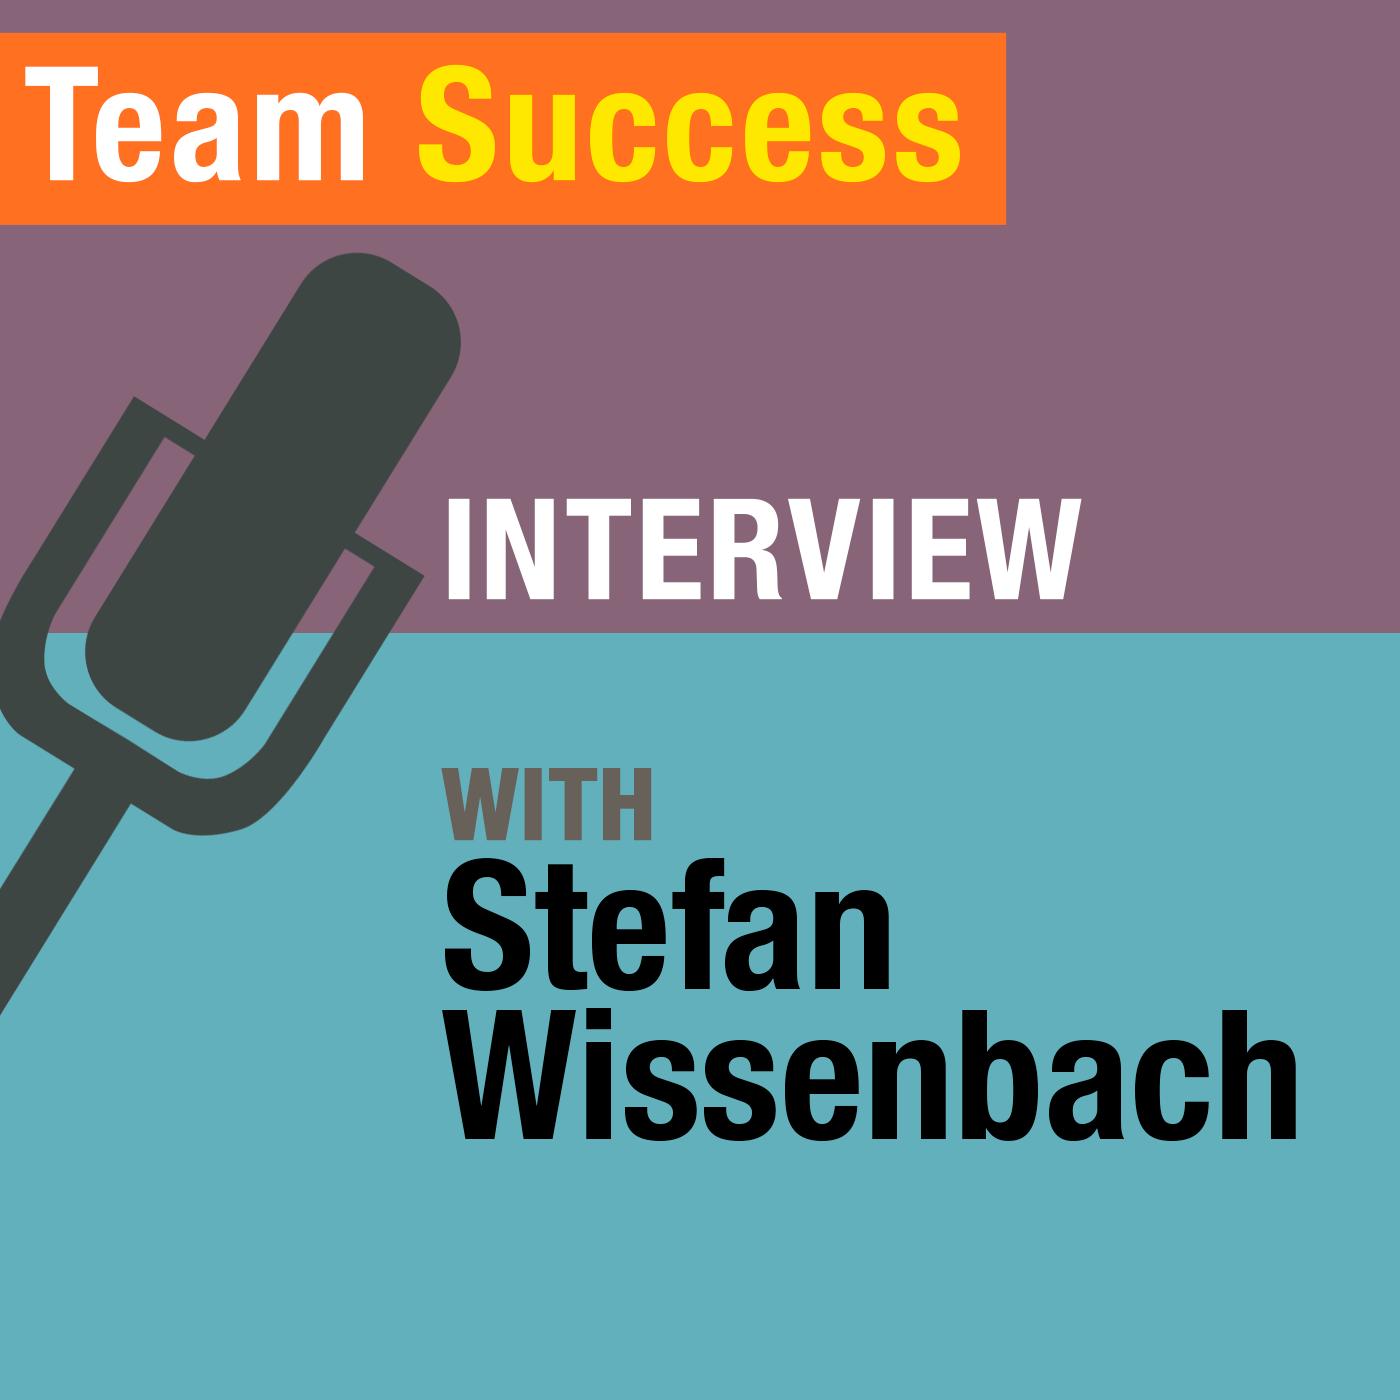 An Interview With Stefan Wissenbach